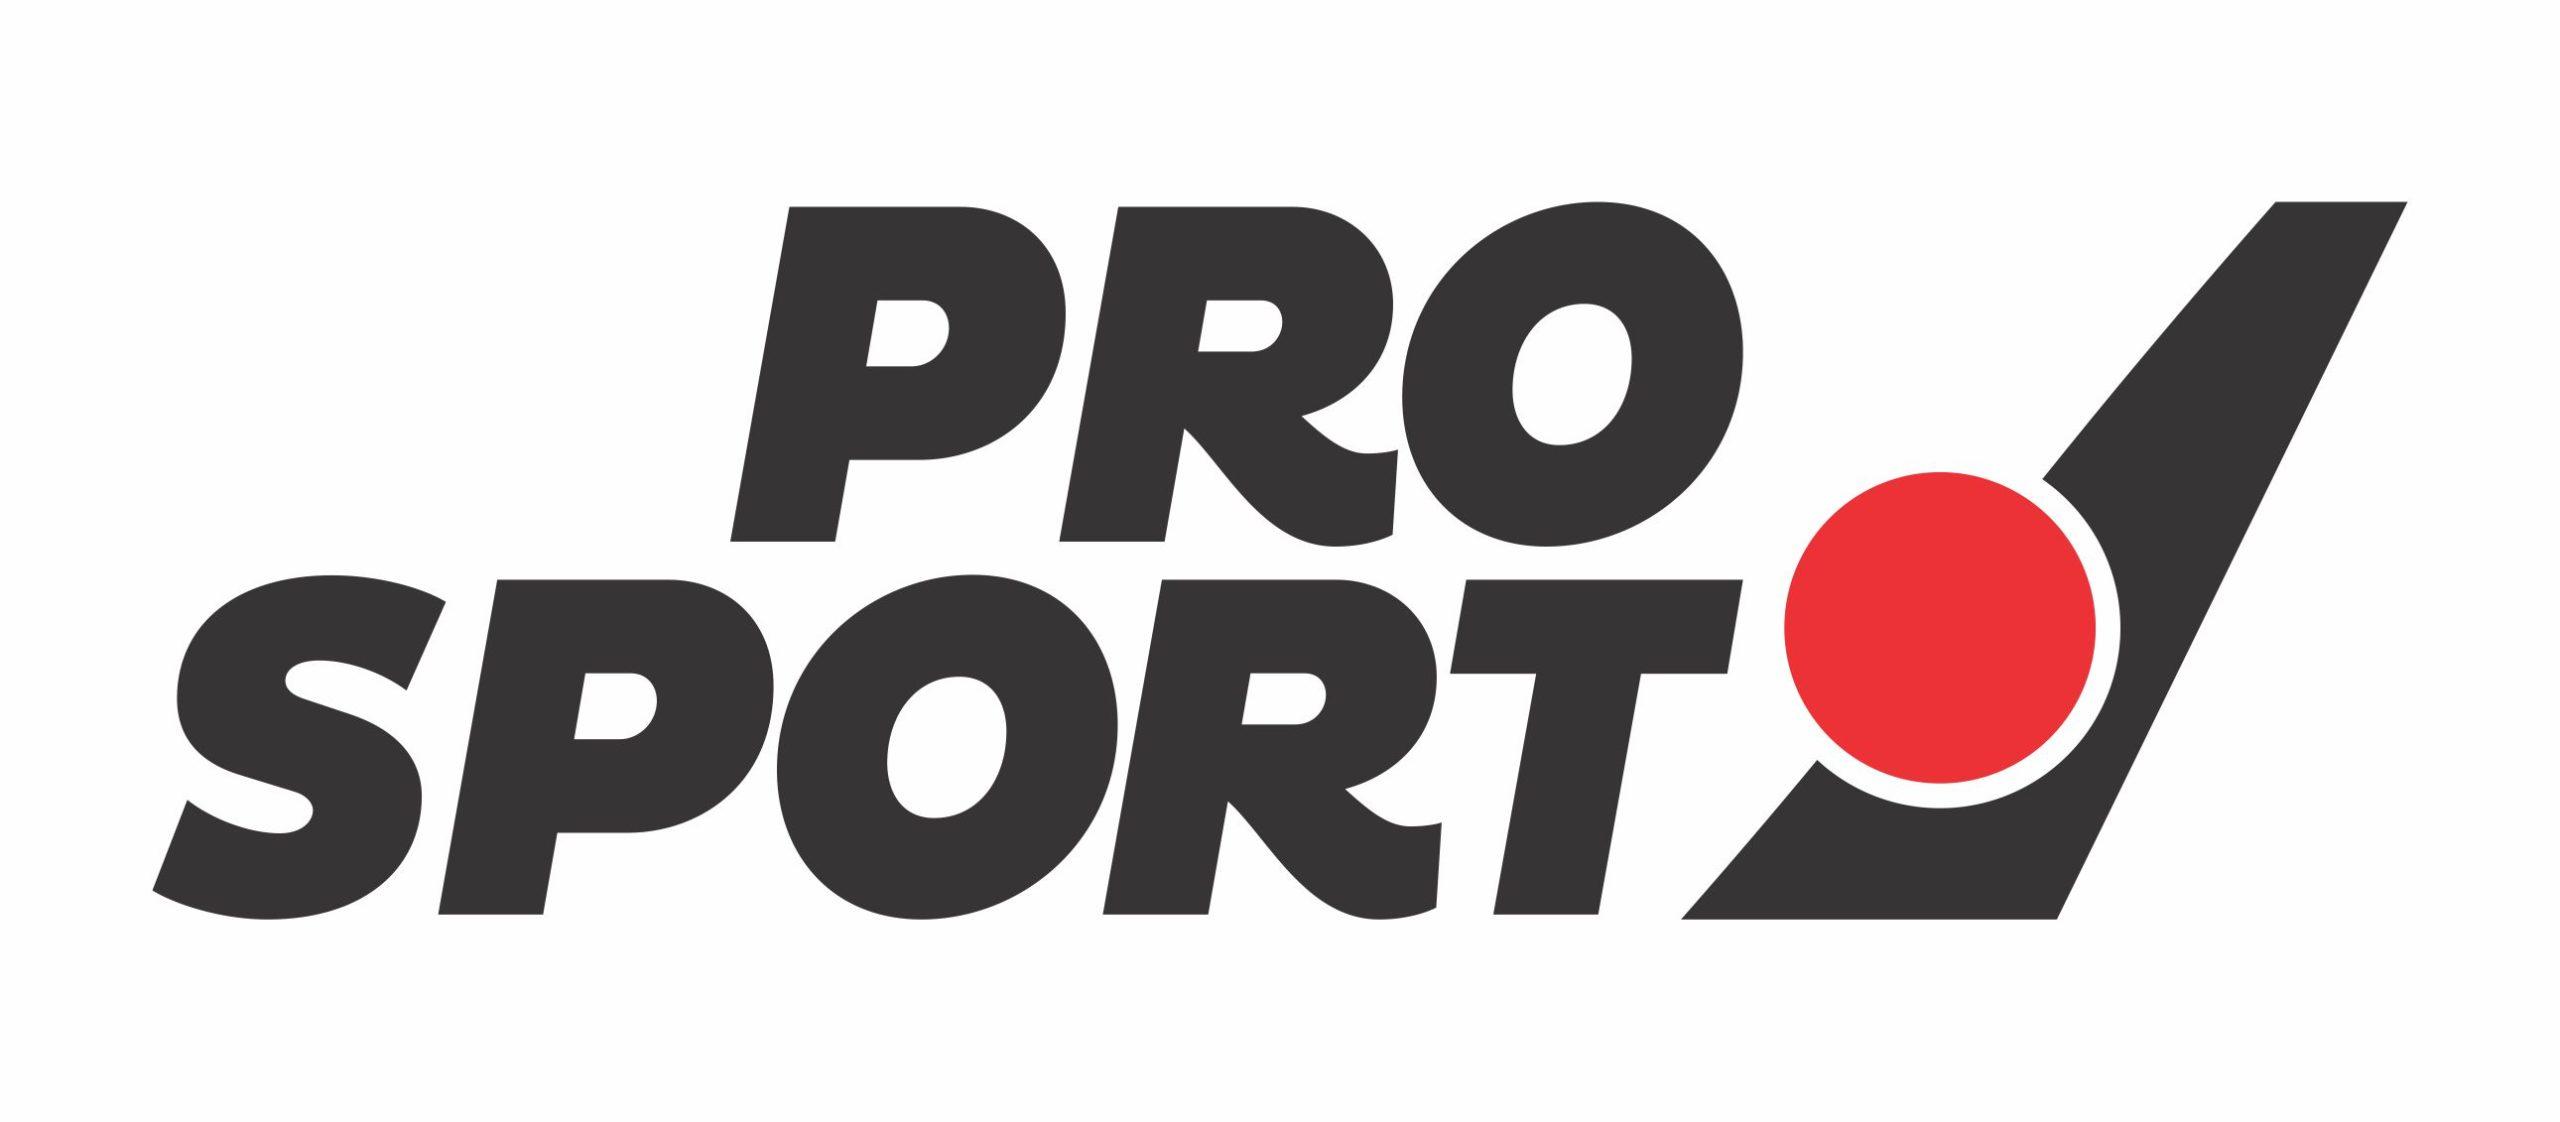 PRO_SPORT_COLOR